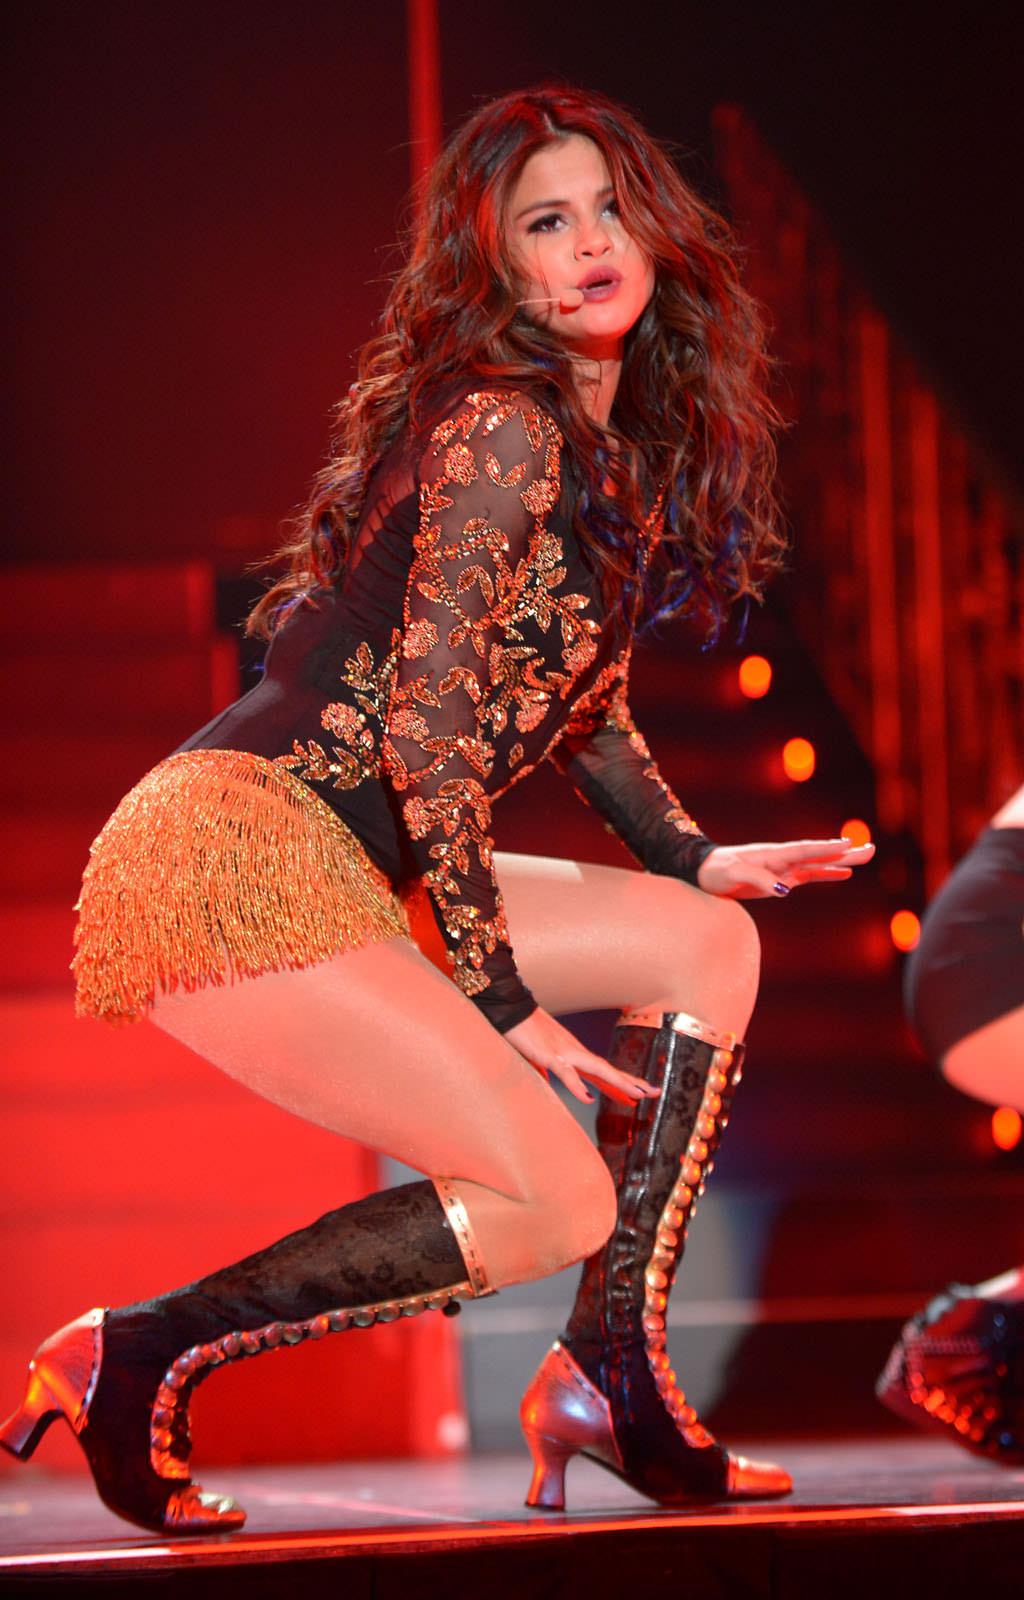 Selena Gomez Photo Gallery